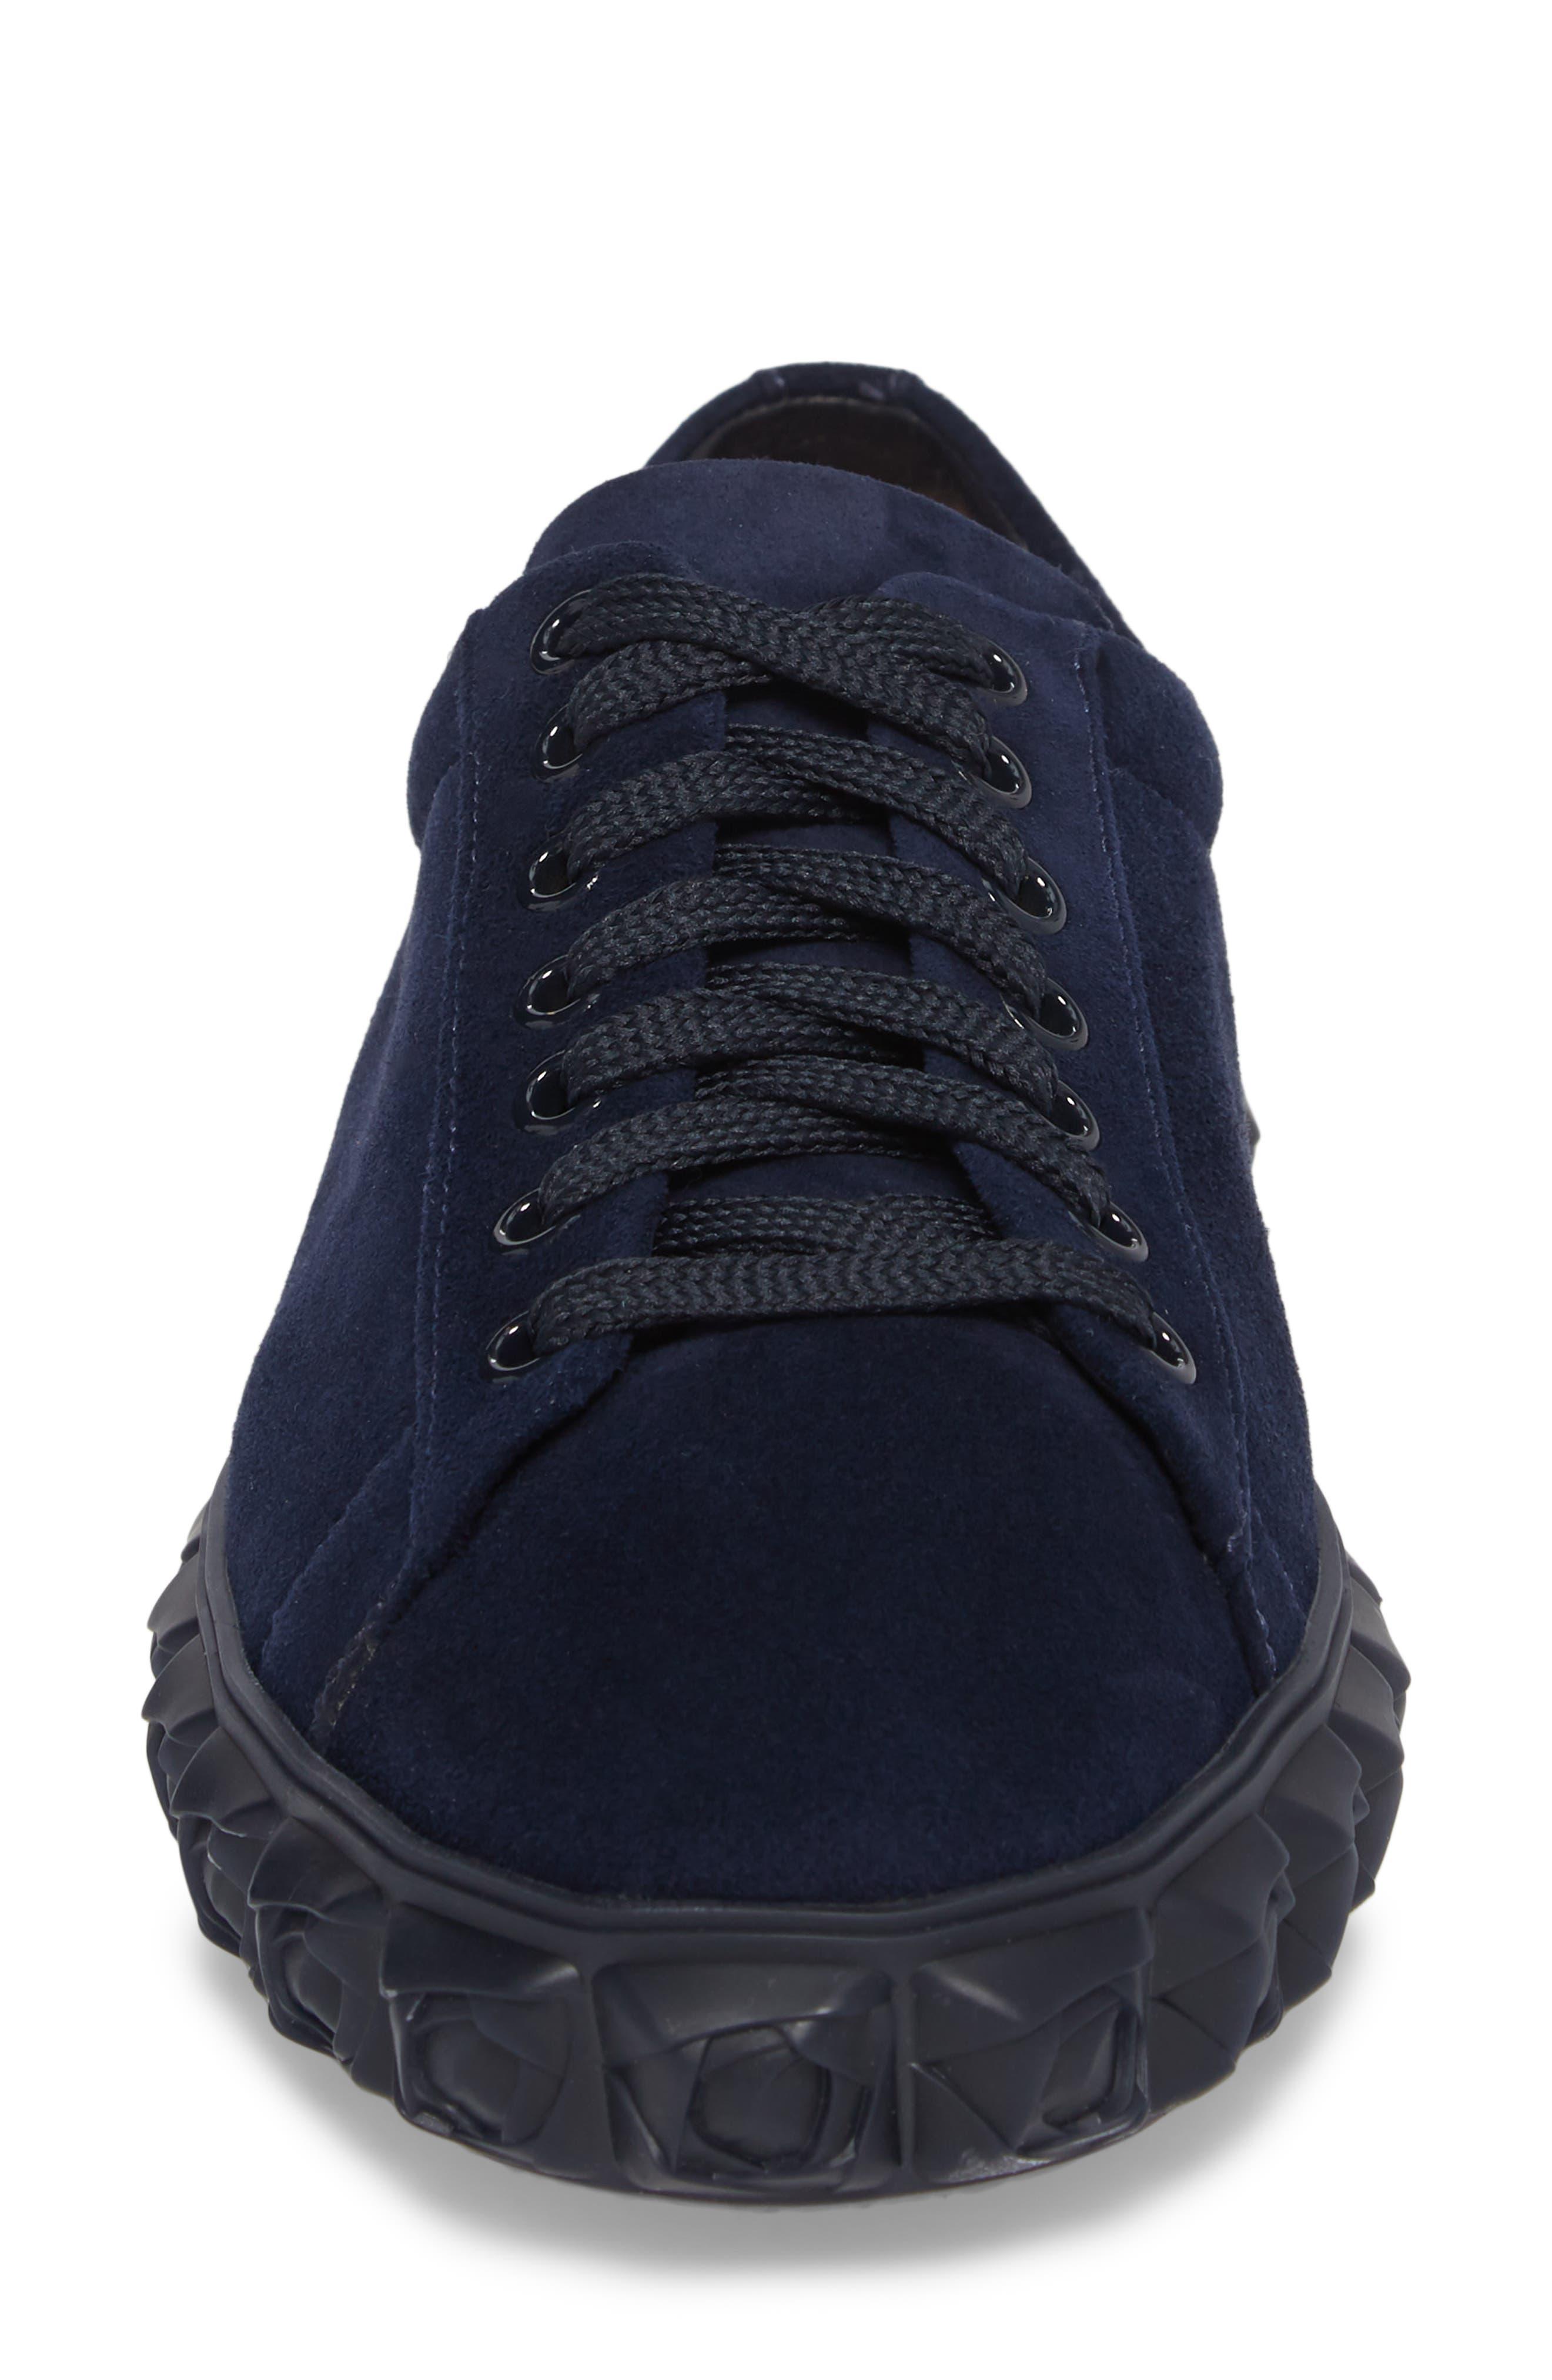 Coverstory Sneaker,                             Alternate thumbnail 5, color,                             Navy Seda Suede